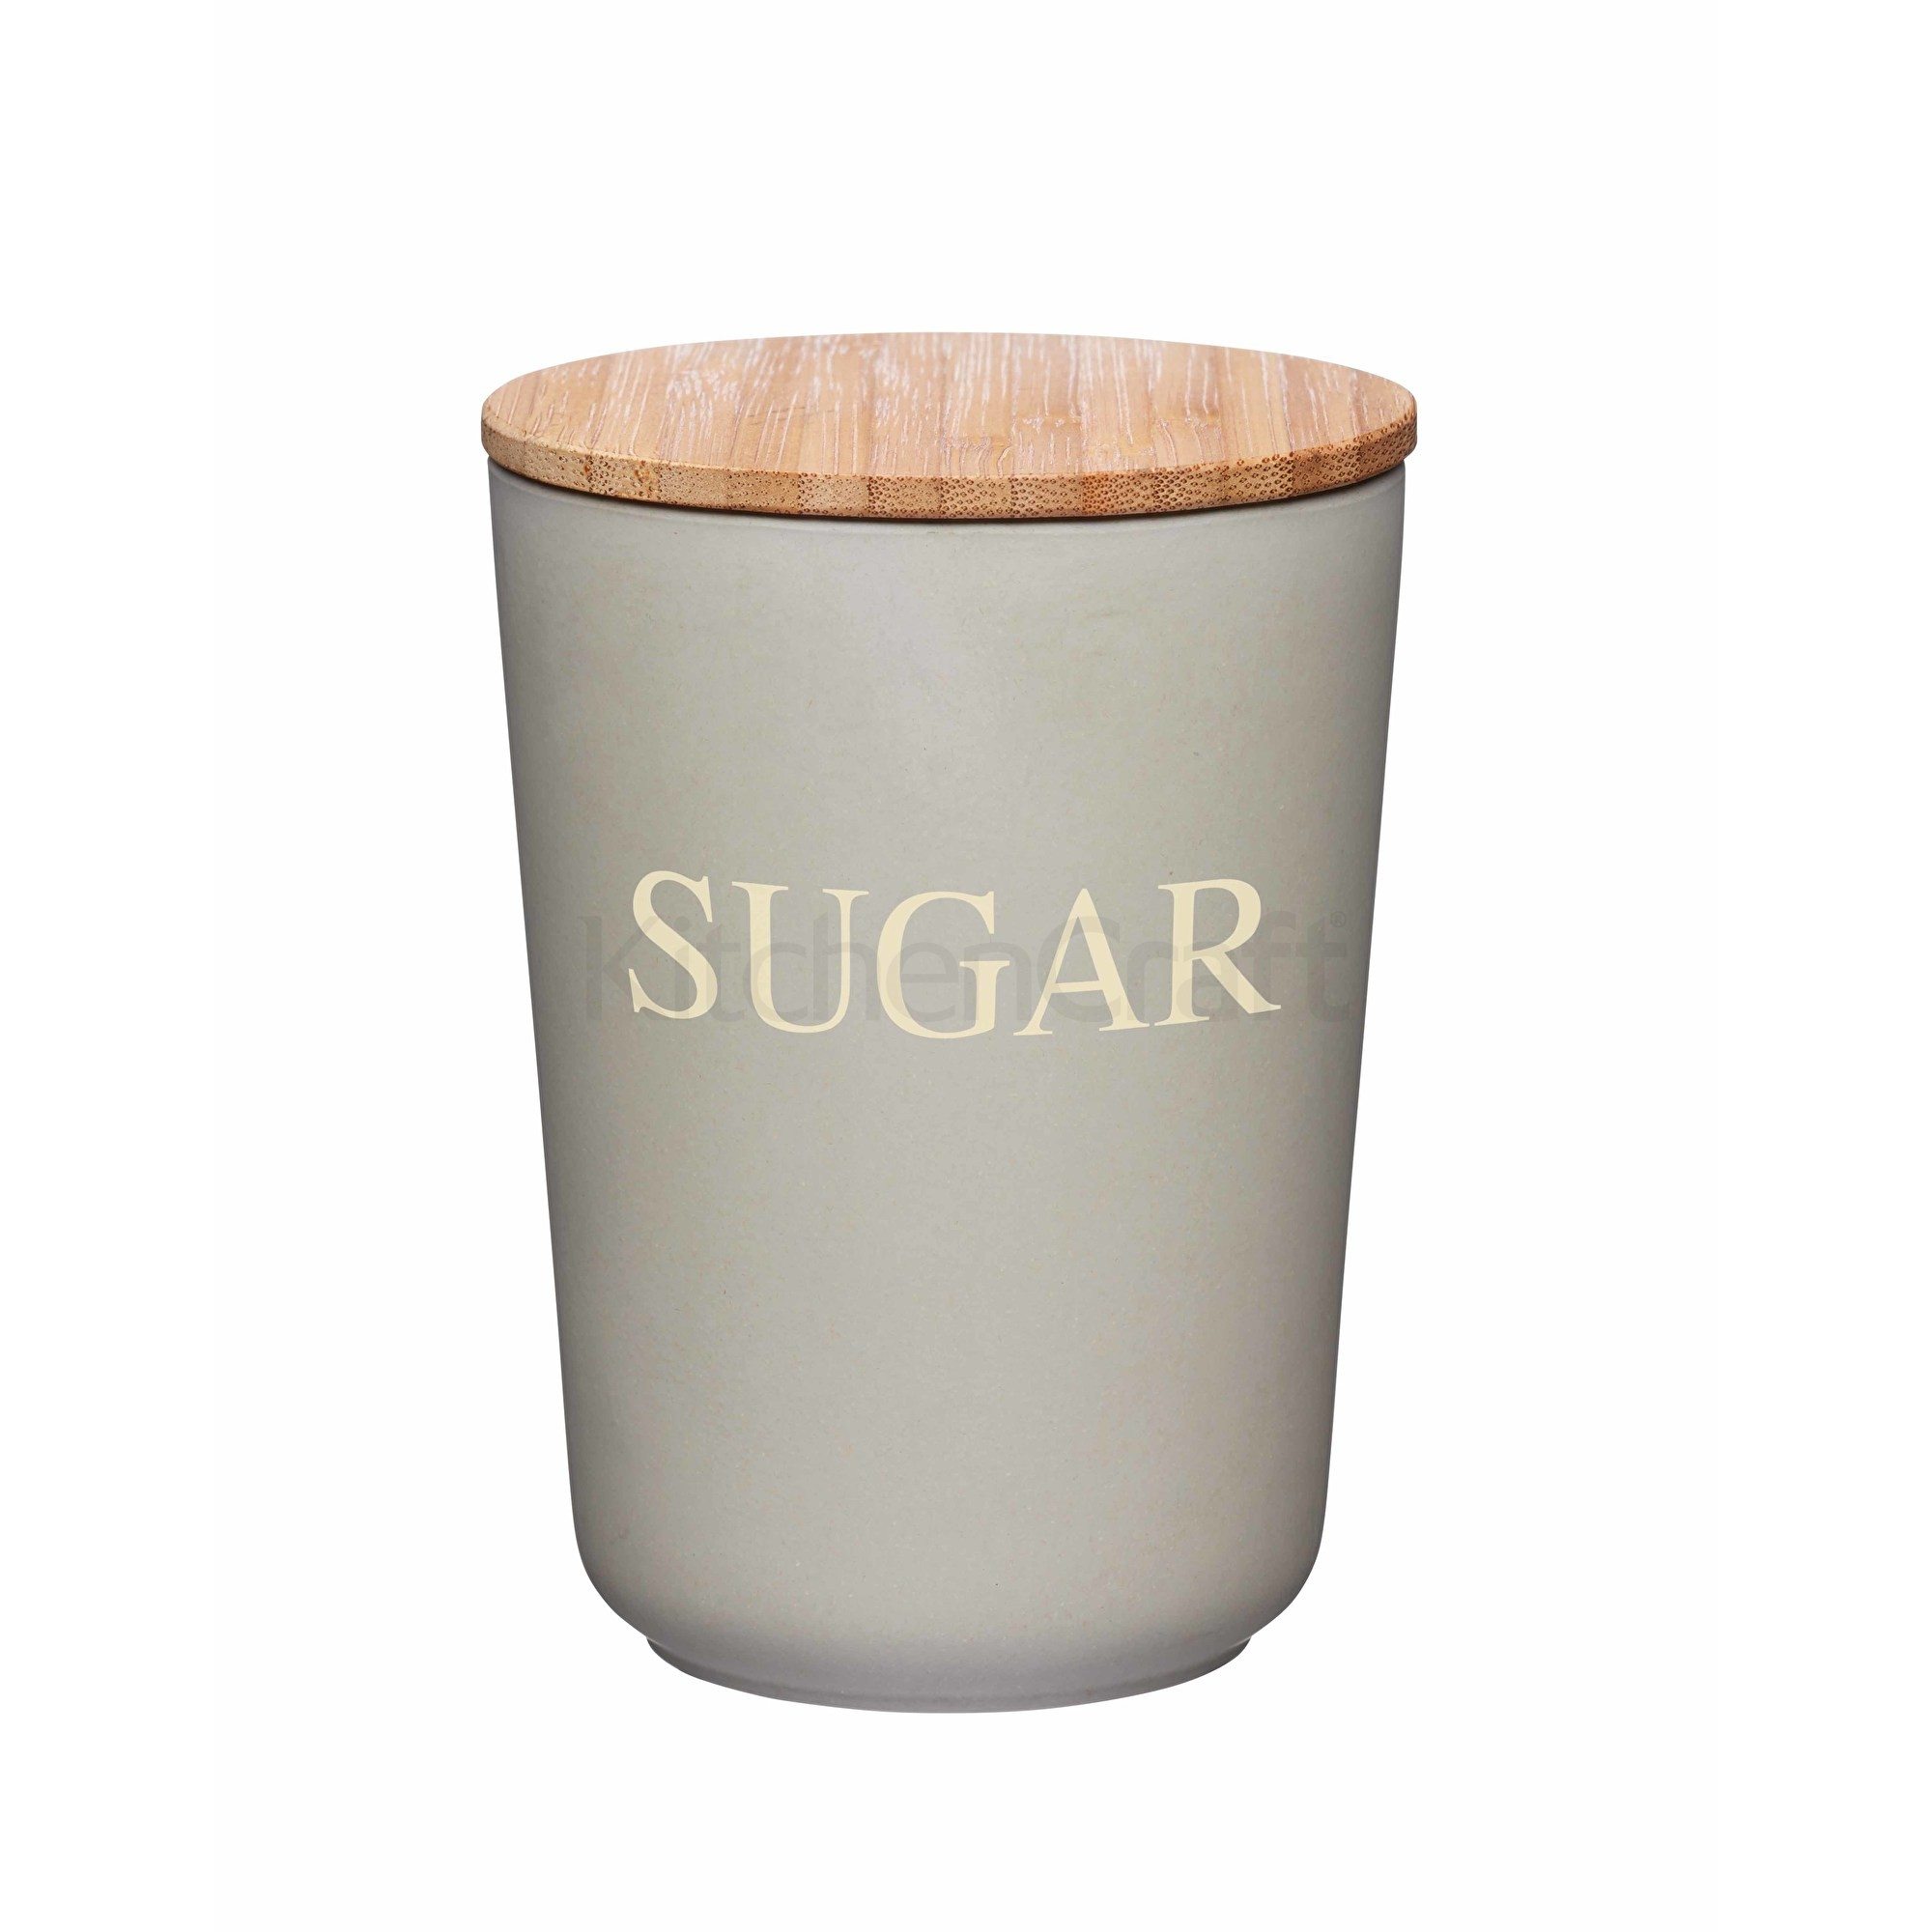 Δοχείο Sugar Natural Elements Bamboo Fibre Kitchencraft home   ειδη cafe τσαϊ   δοχεία καφε   ζάχαρης